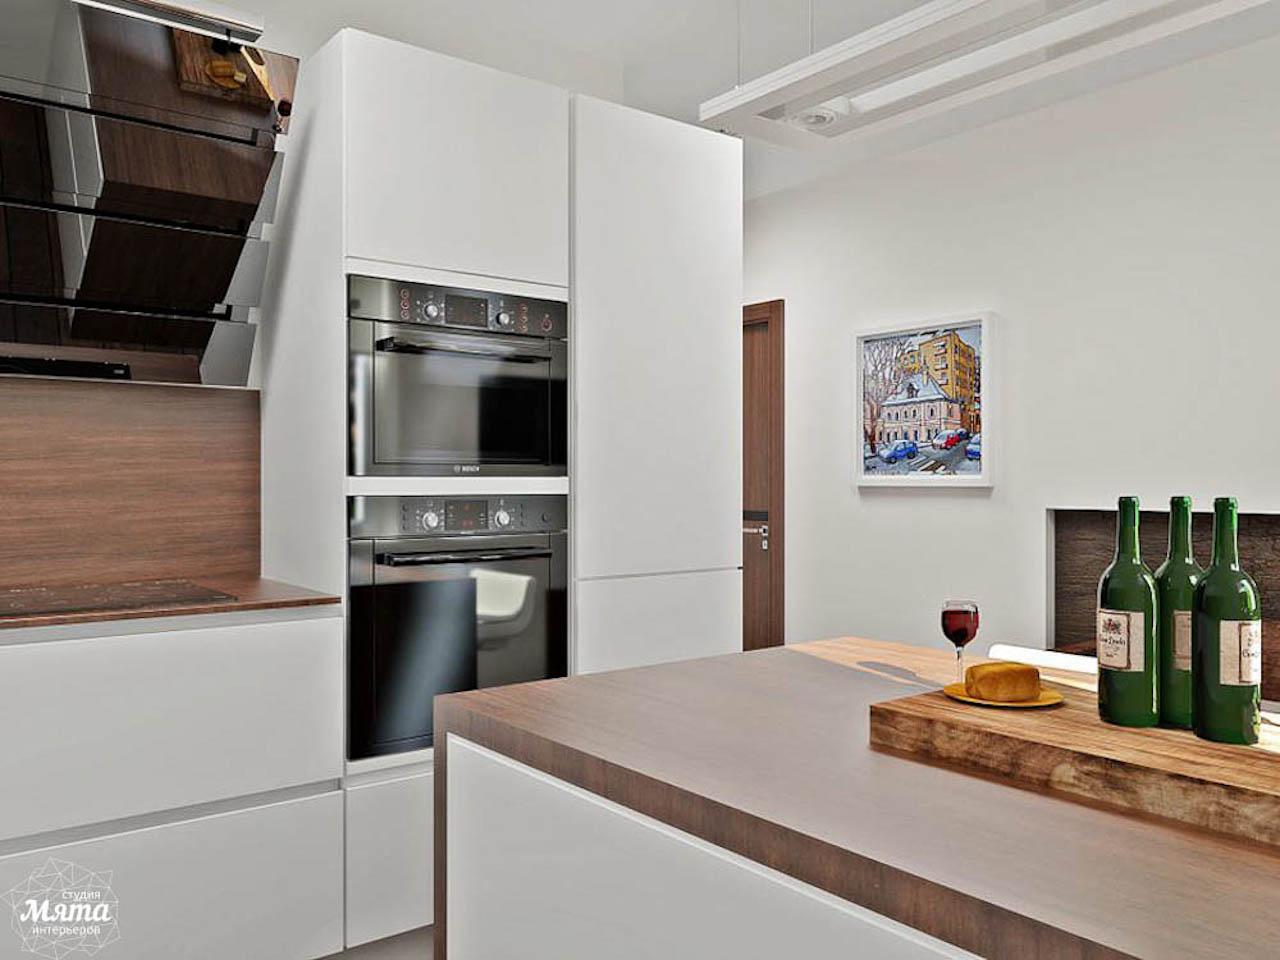 Дизайн интерьера однокомнатной квартиры в стиле хай тек по ул. Щербакова 35 img1169188508